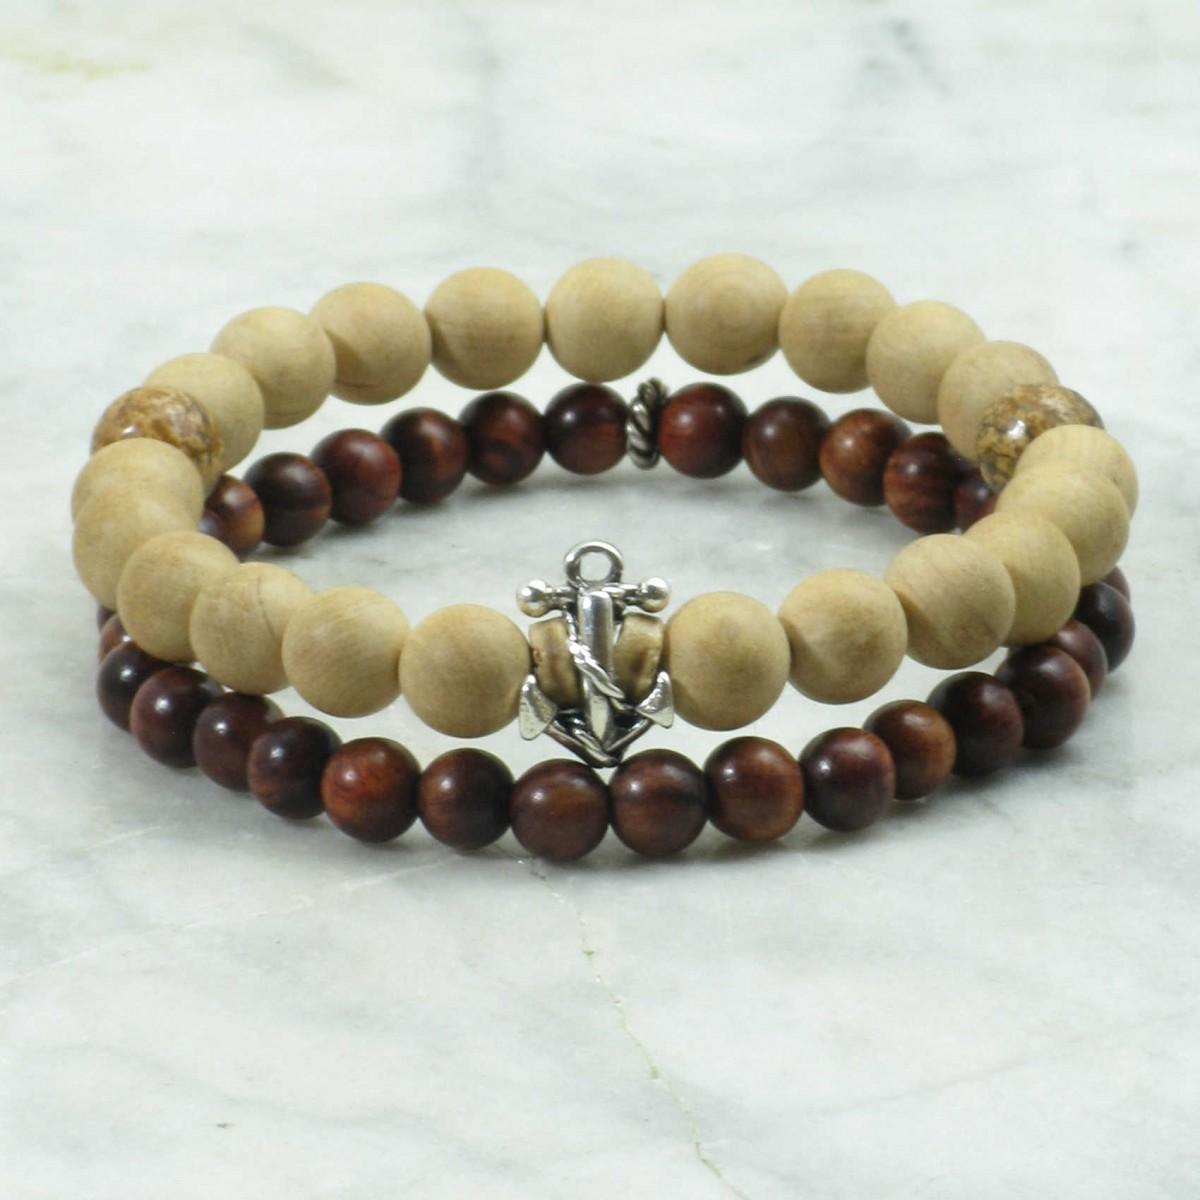 Monaco_Bracelets_for_Men_Mala_Beads_Stacks_Thuja_Seeds_Rosewood_Buddhist_Prayer_Beads